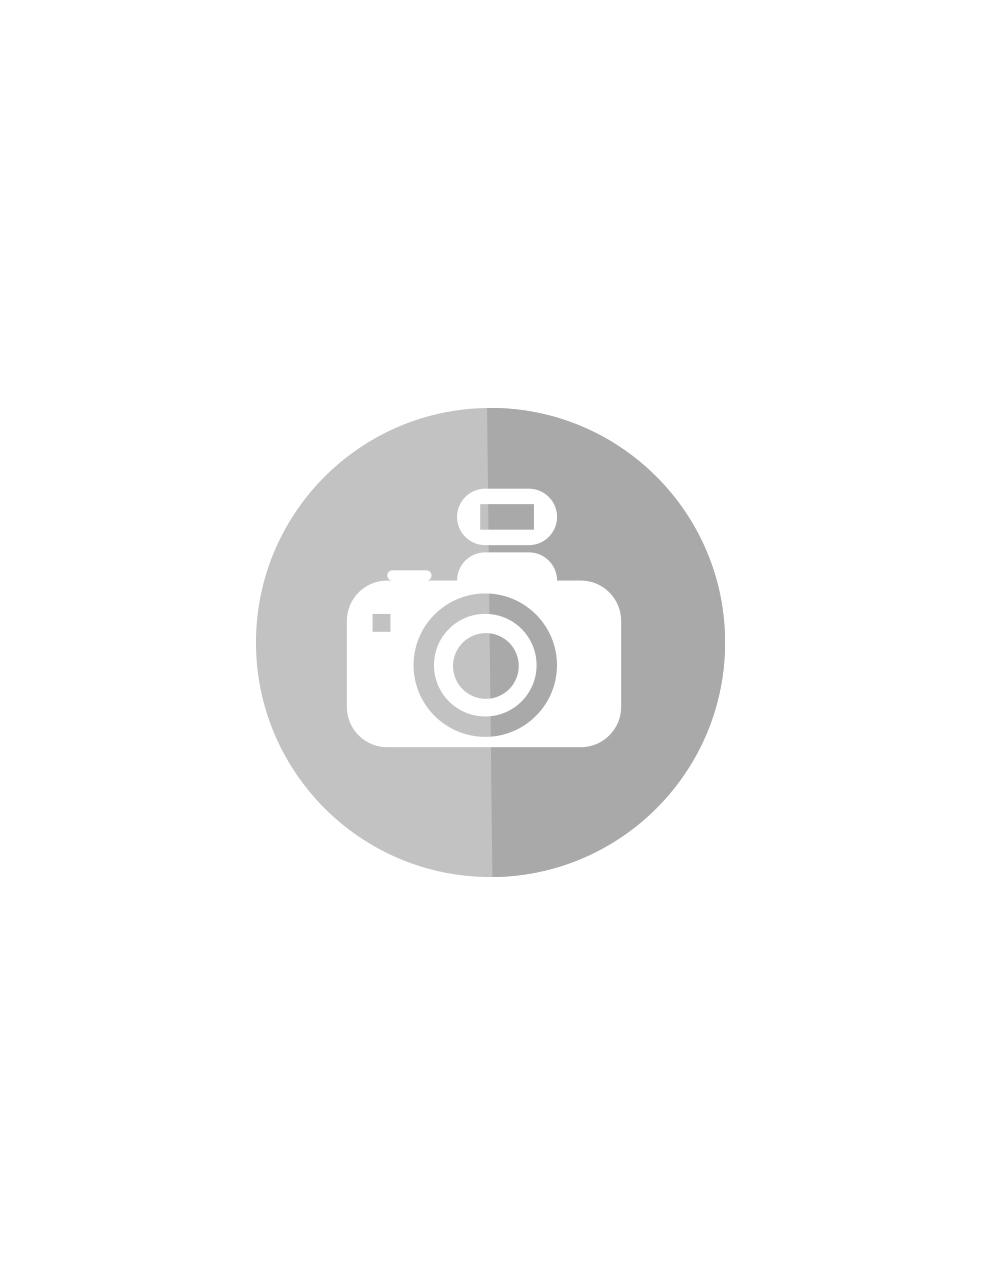 60643390_sparepart/Kuh IV 1.2.3